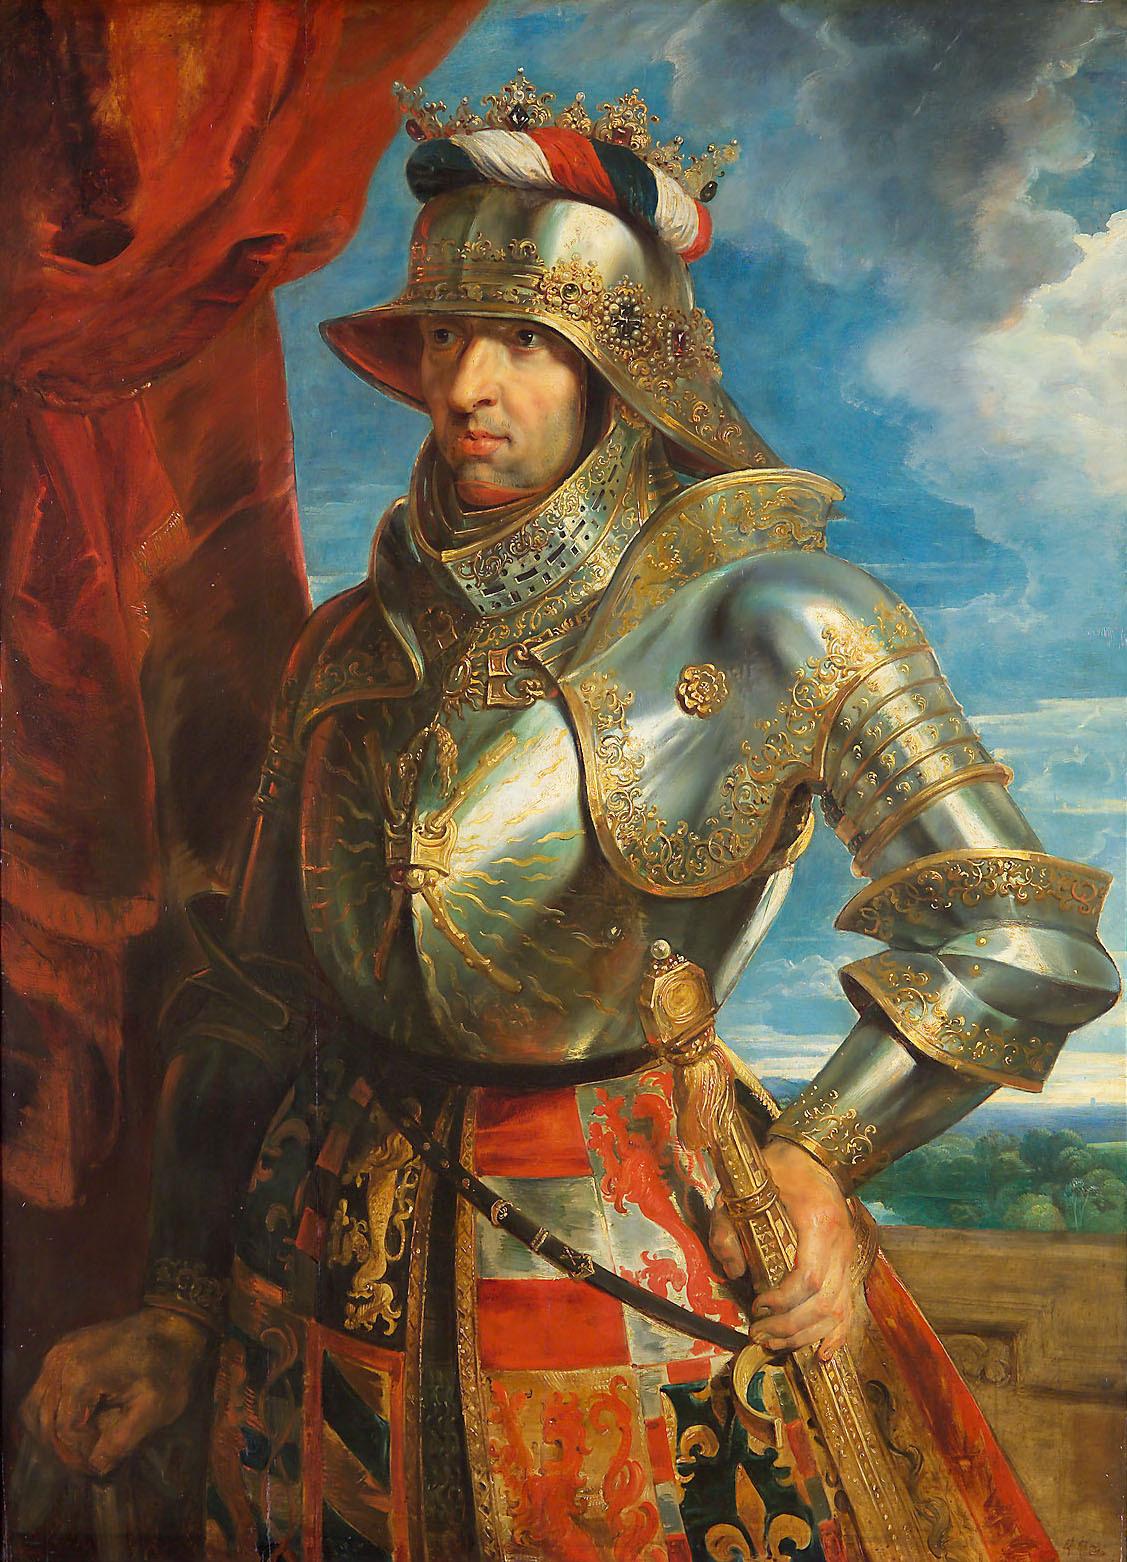 Philip der Schöne (1478-1506) von Peter Paul Rubens